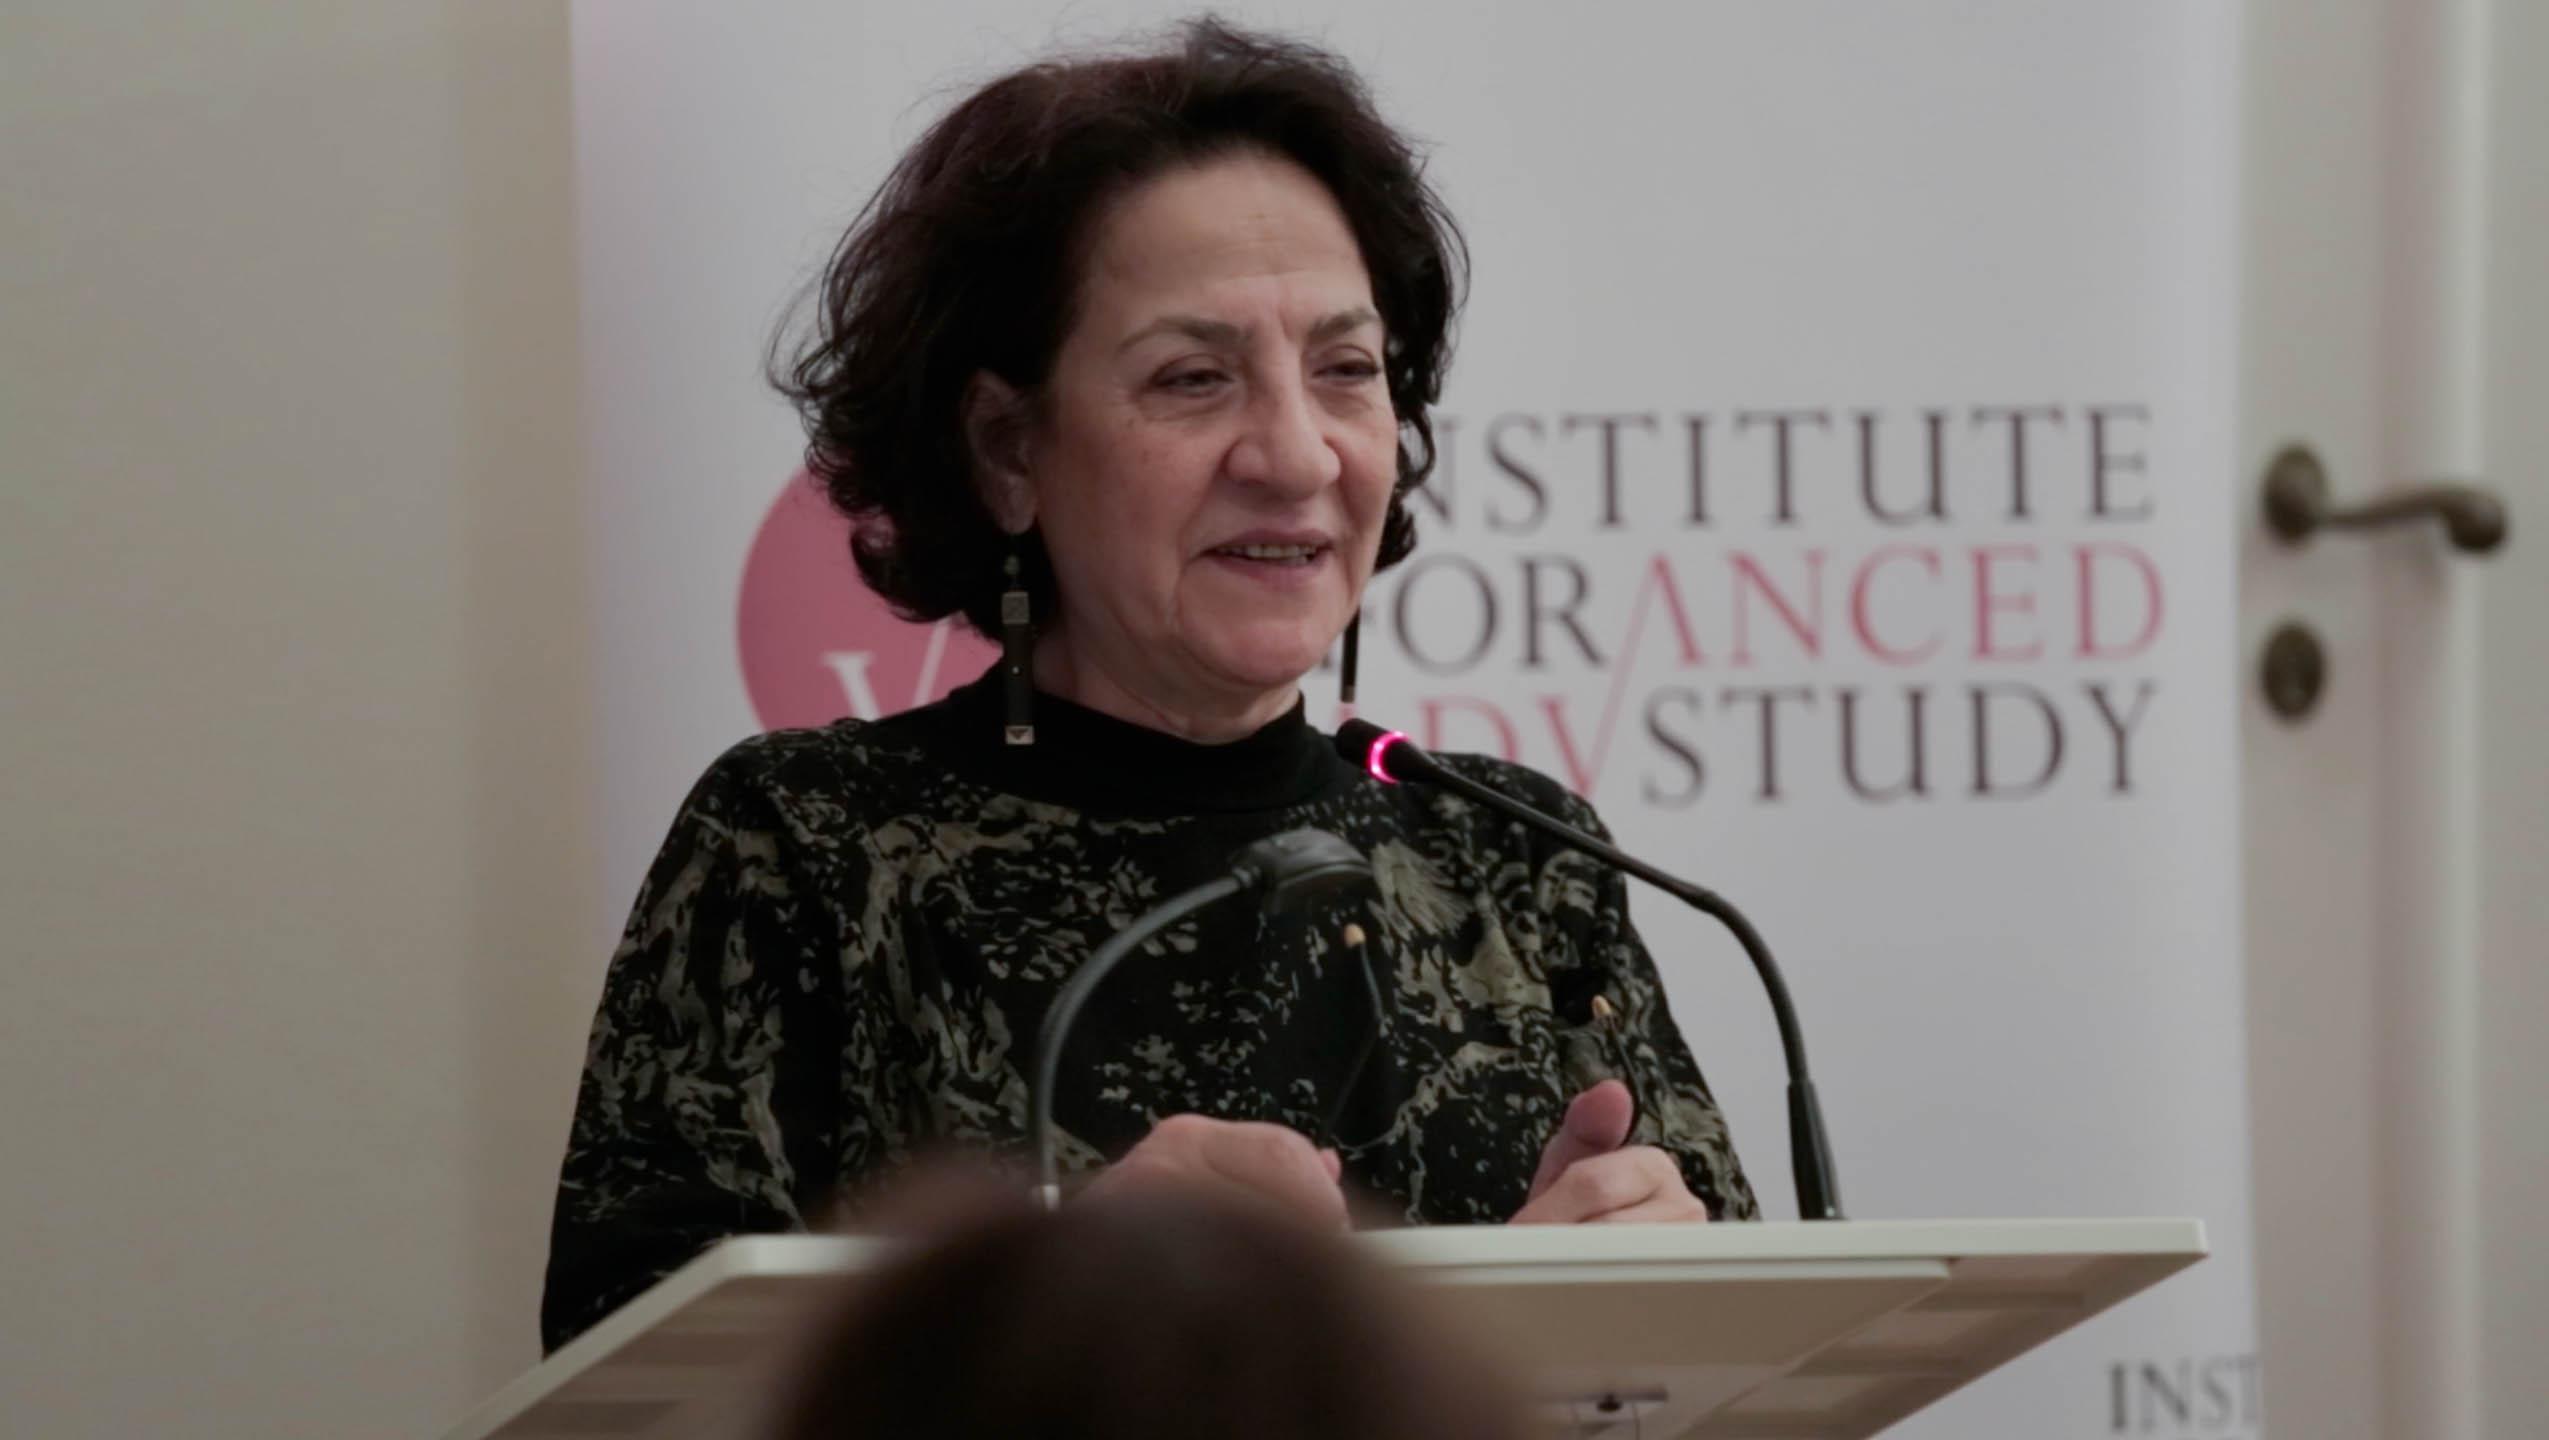 Hoda Barakat book reading event 19 February 2018